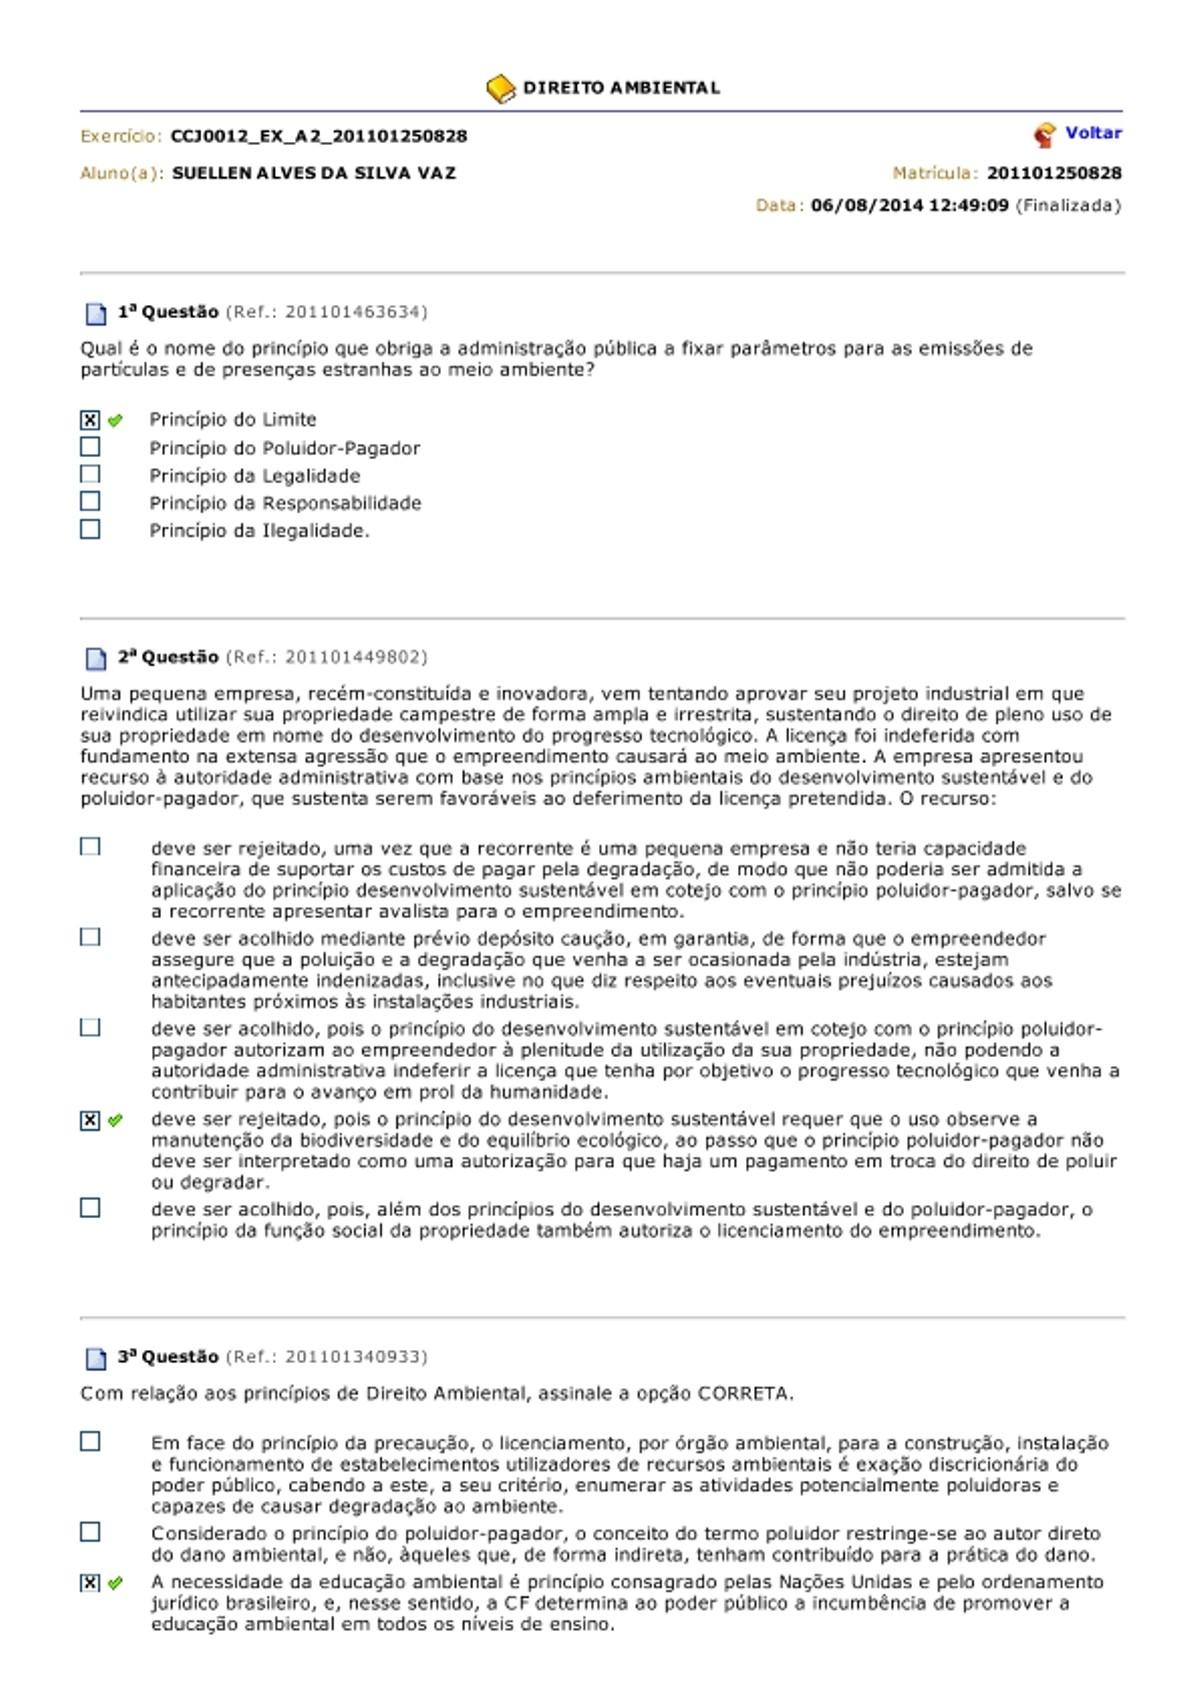 Pre-visualização do material Aula 2 gabarito direito ambiental - página 1